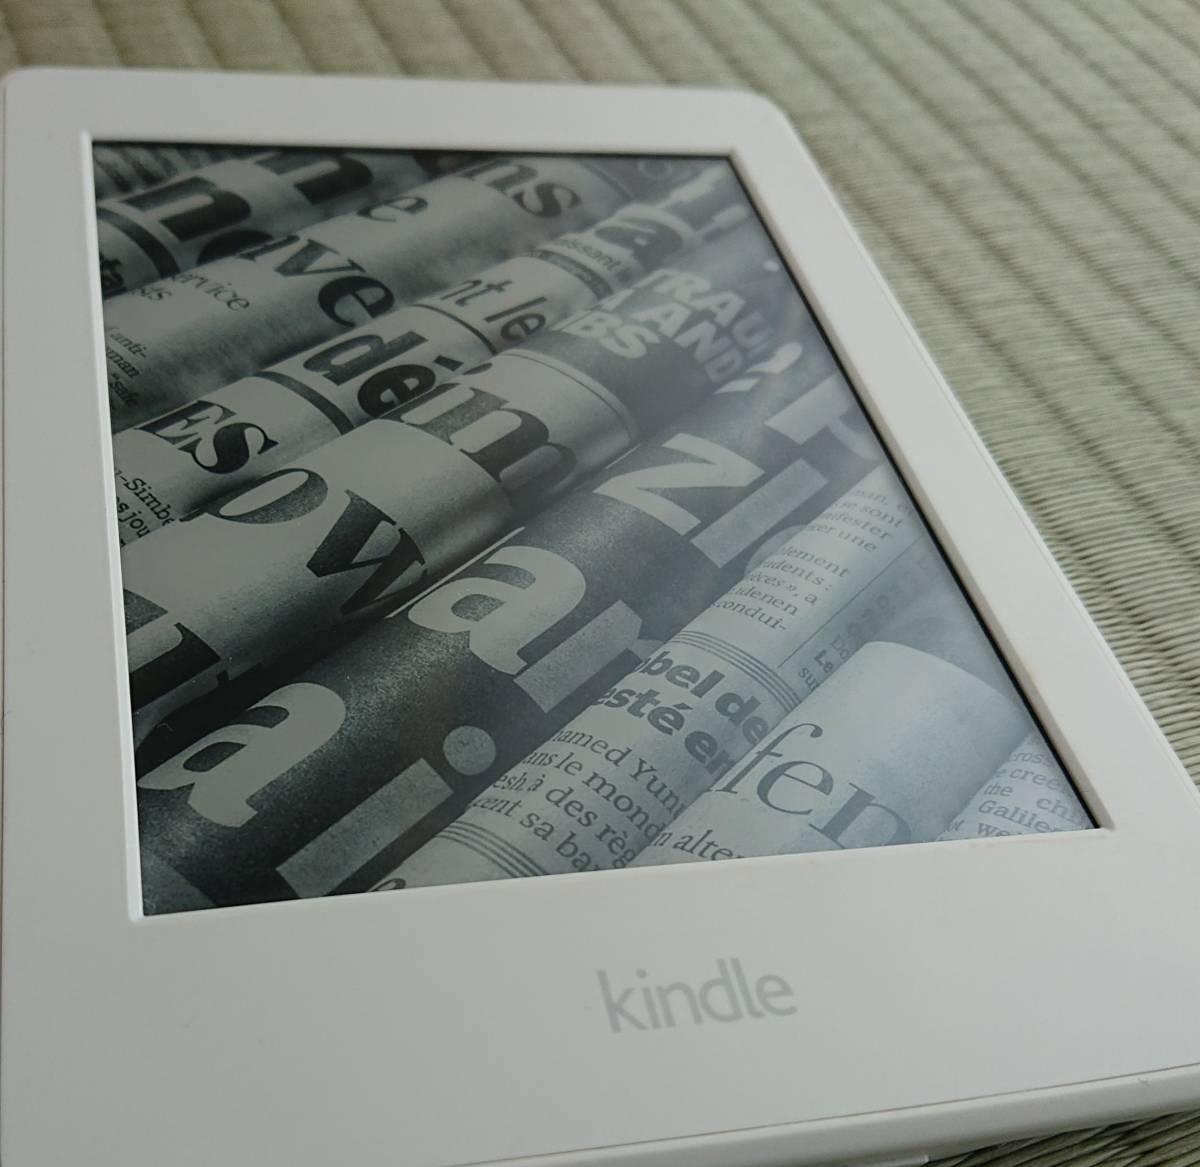 Kindle paper white キンドルペーパーホワイト 32GB フィルム・カバー付き 美品_画像2